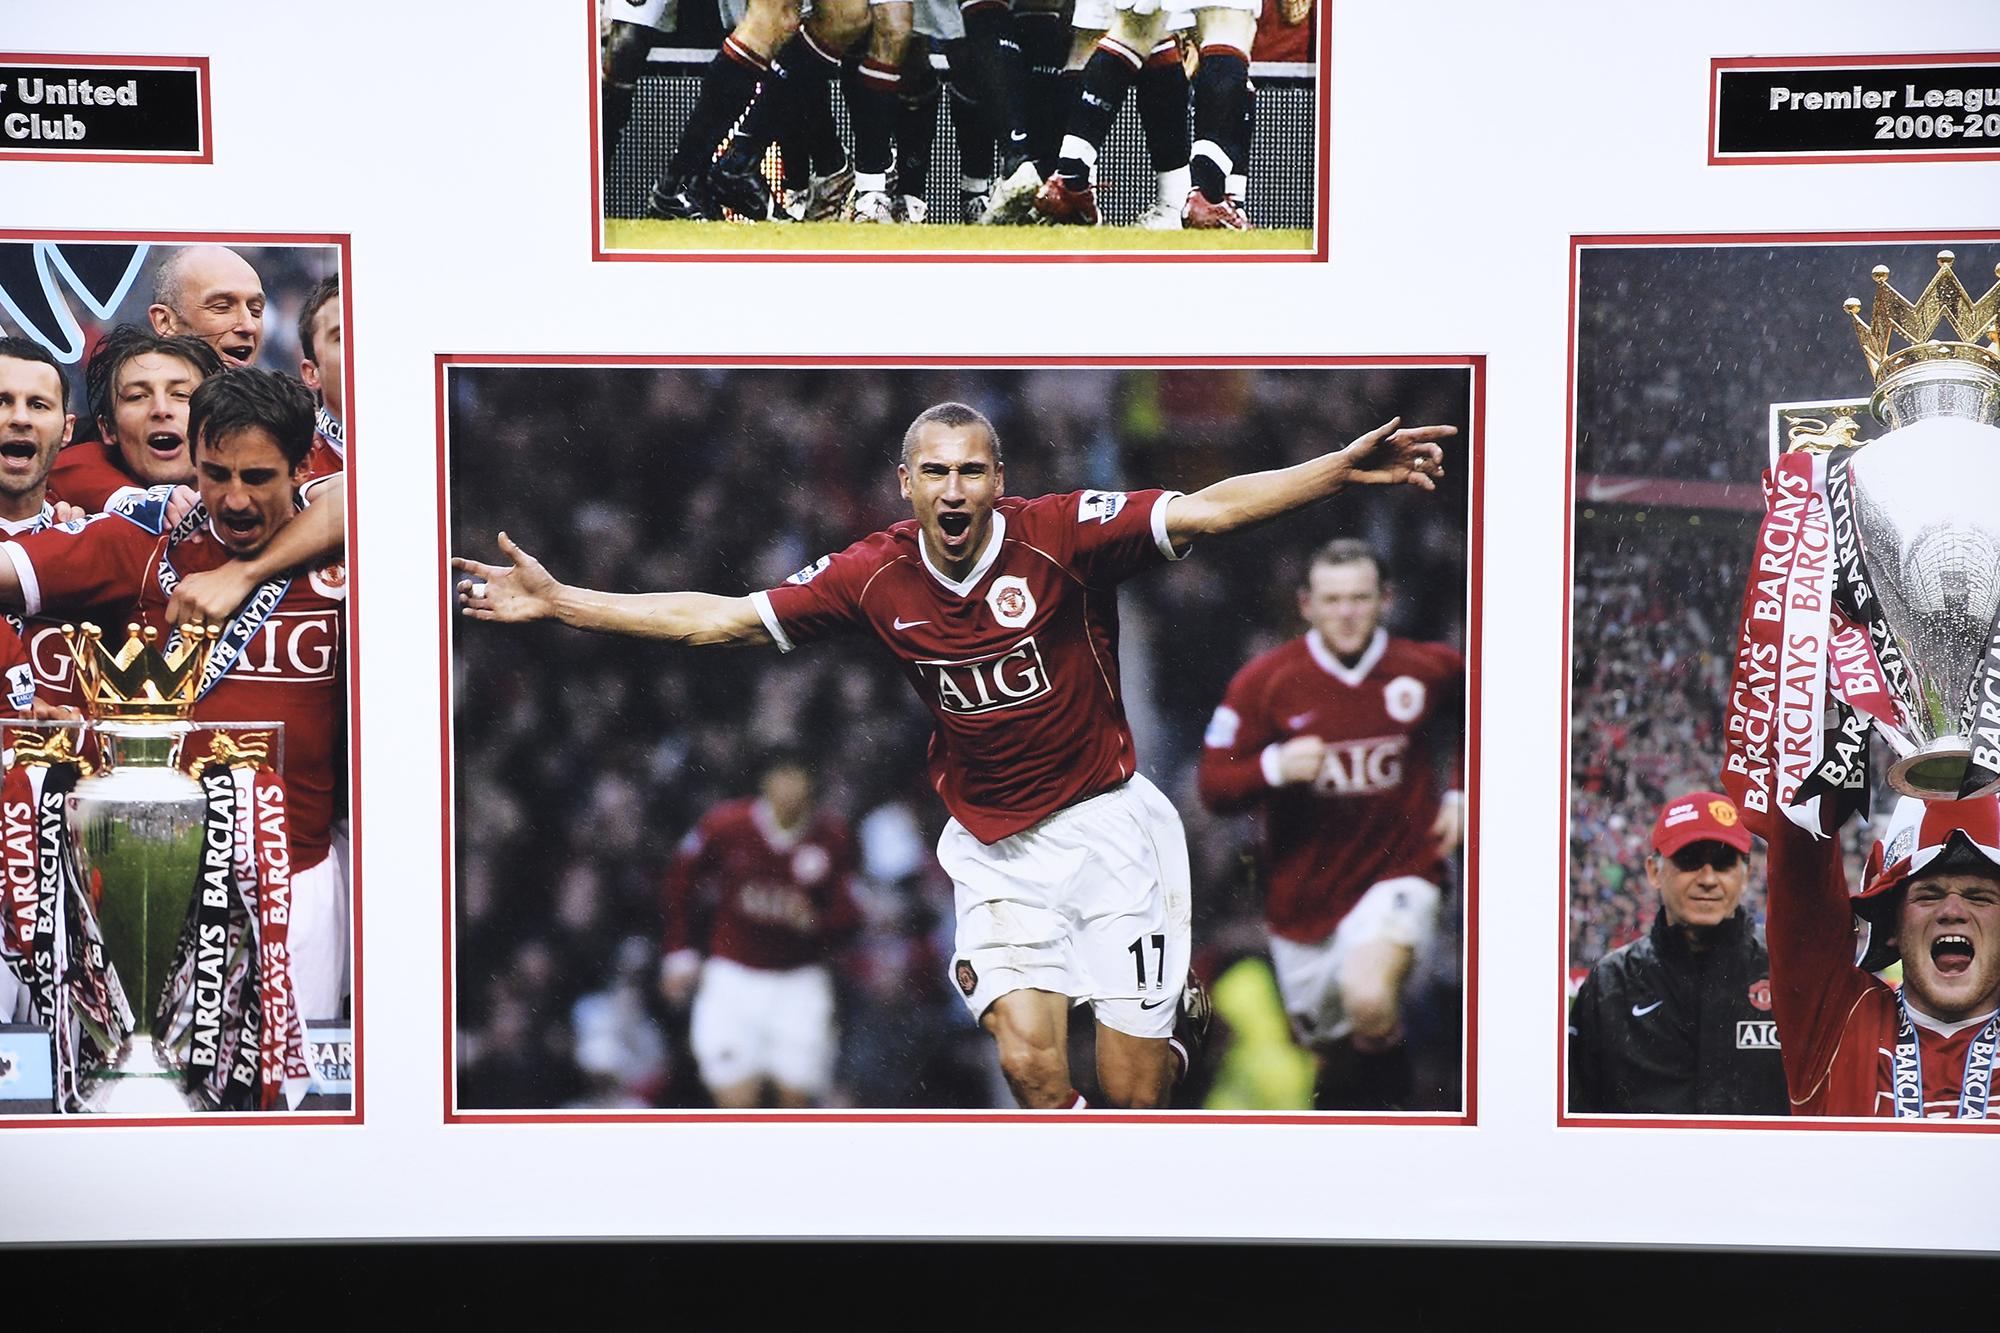 Man Utd Triple Signed Photo Presentation - Image 5 of 5